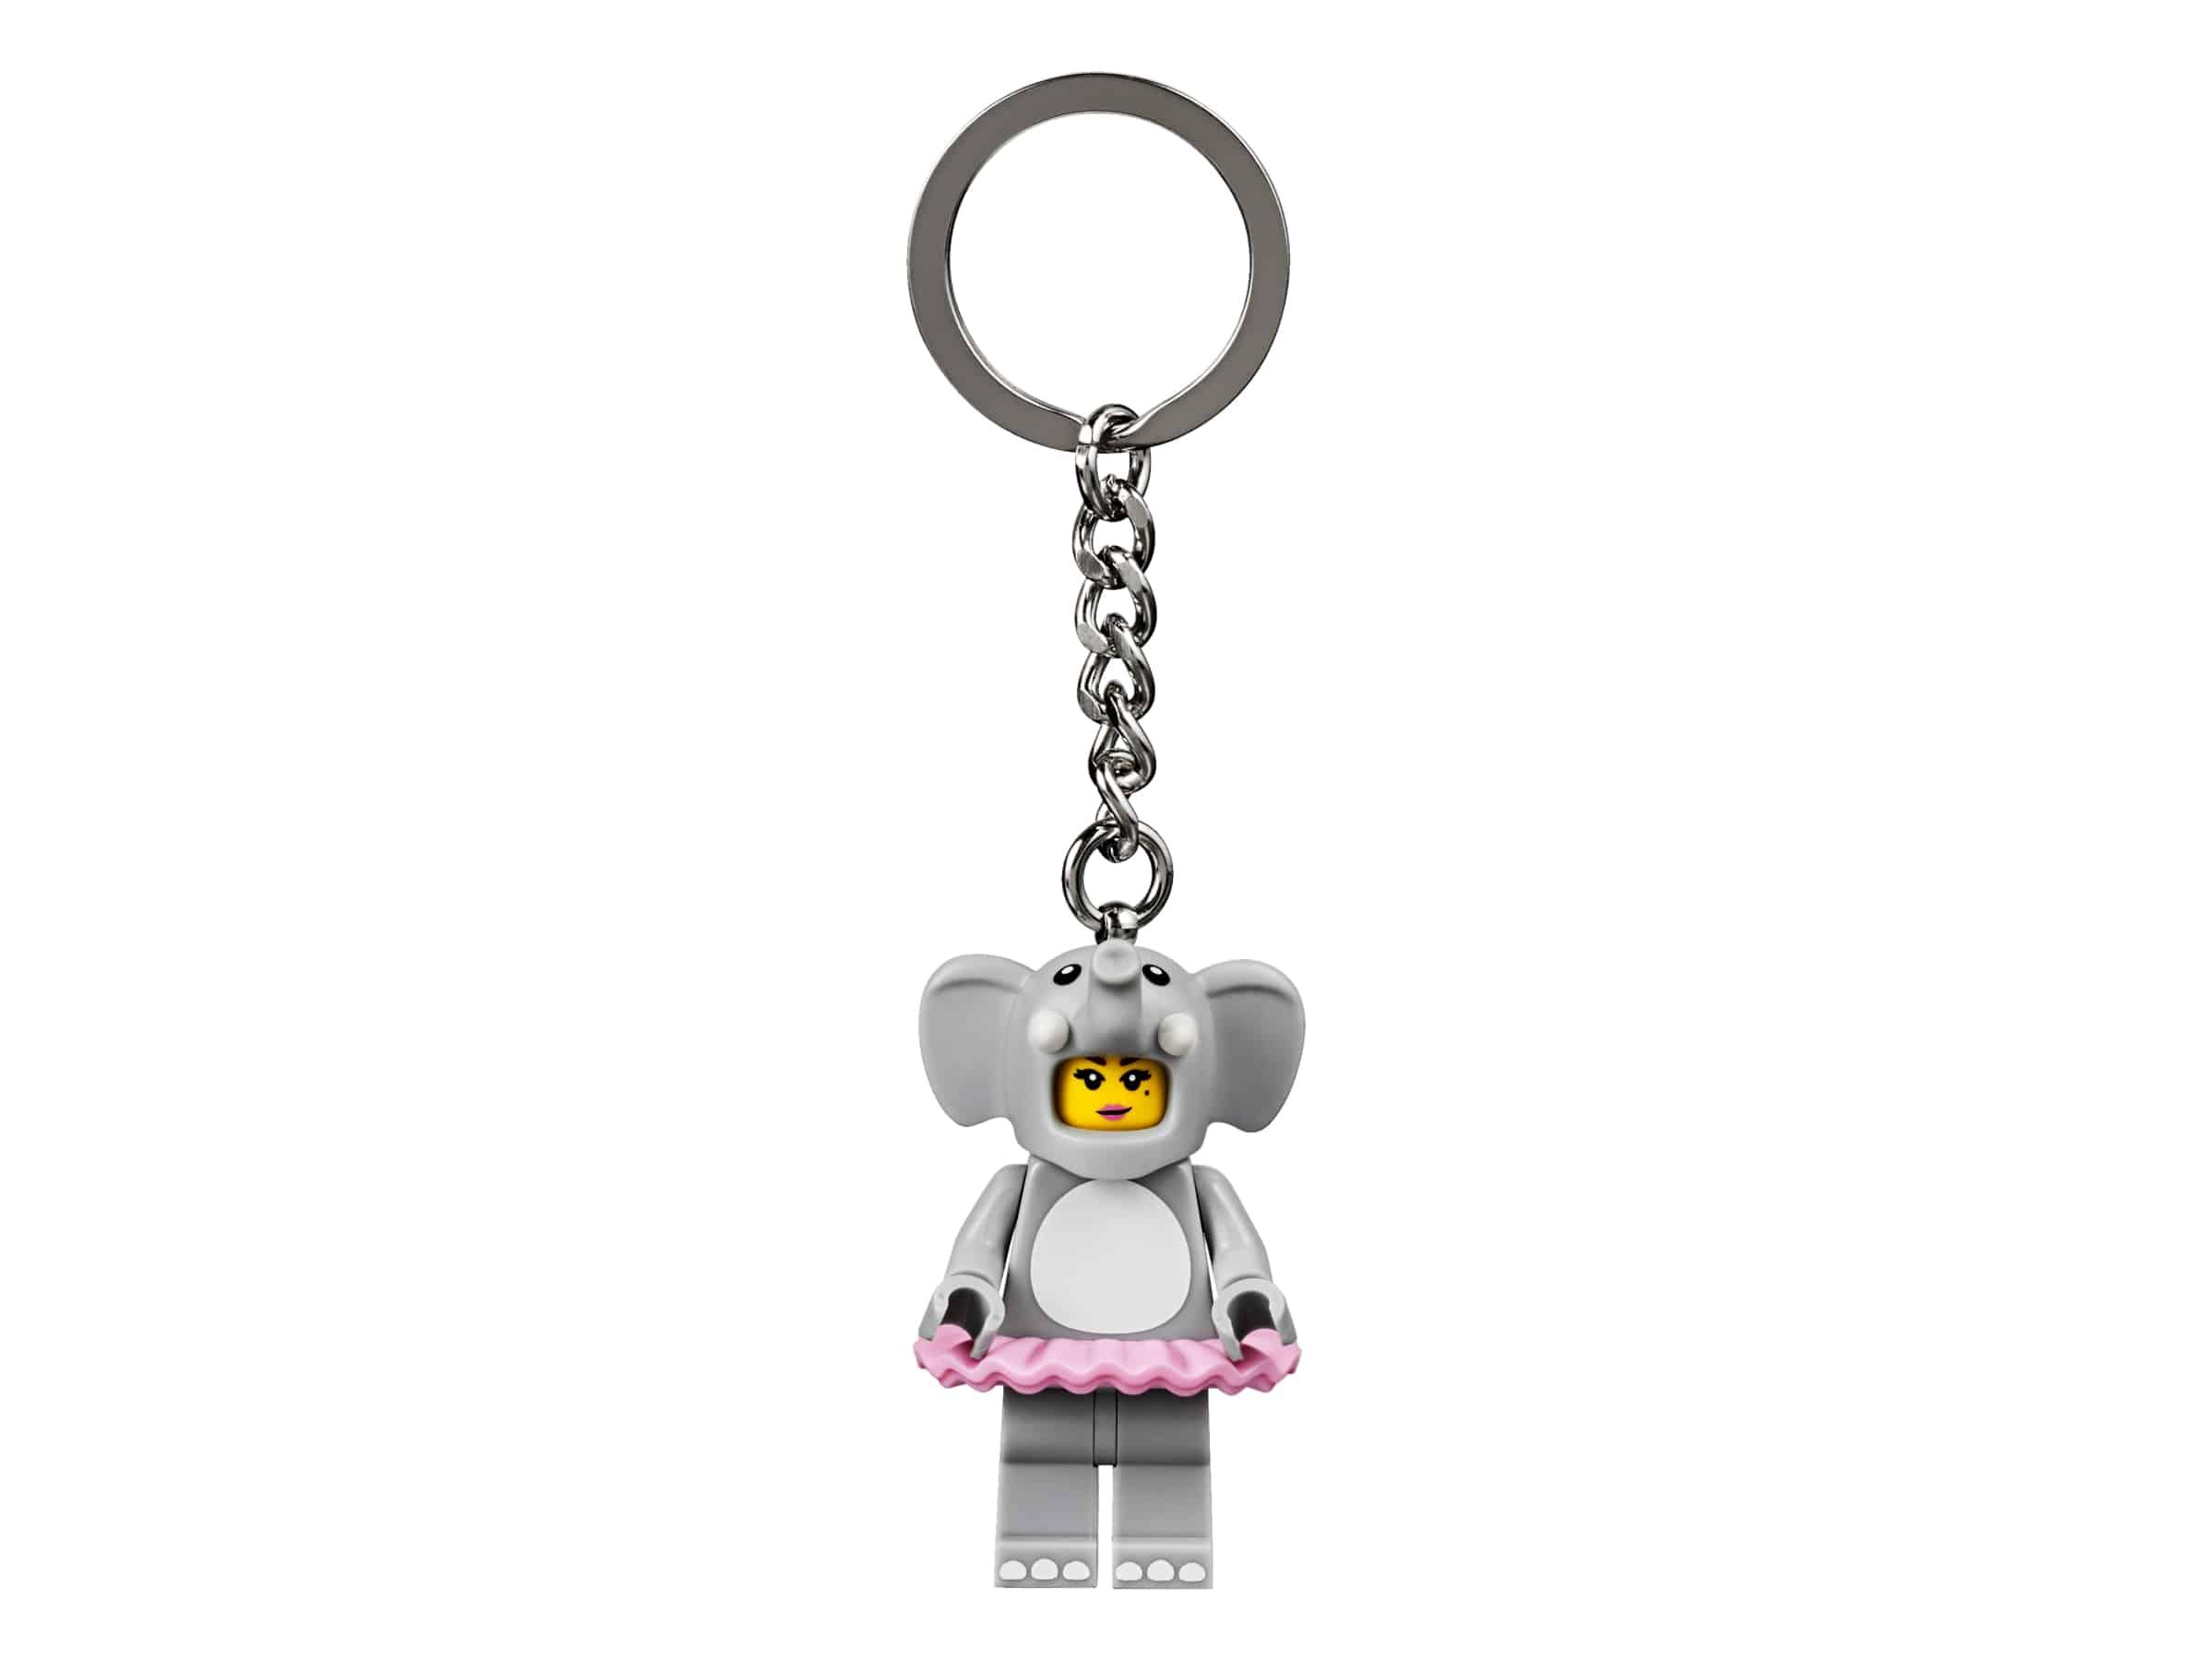 lego olifantenmeisje sleutelhanger 853905